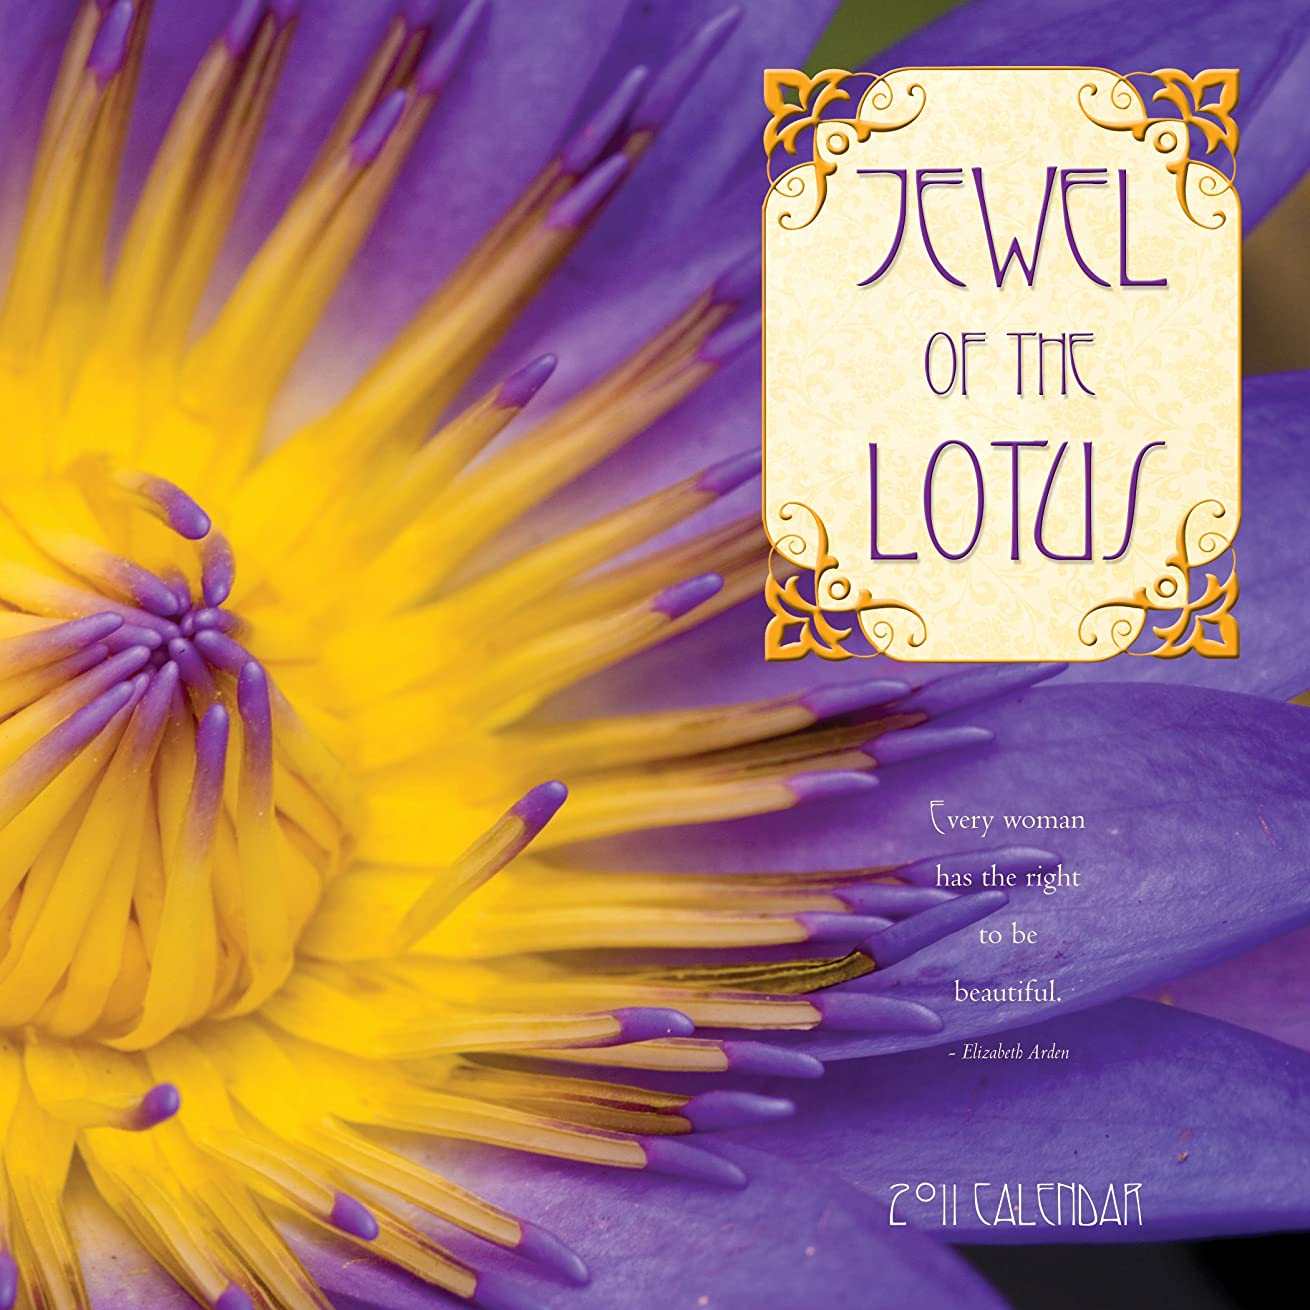 ビルマ暴力的な申請中Jewel of the Lotus 2011 Calendar